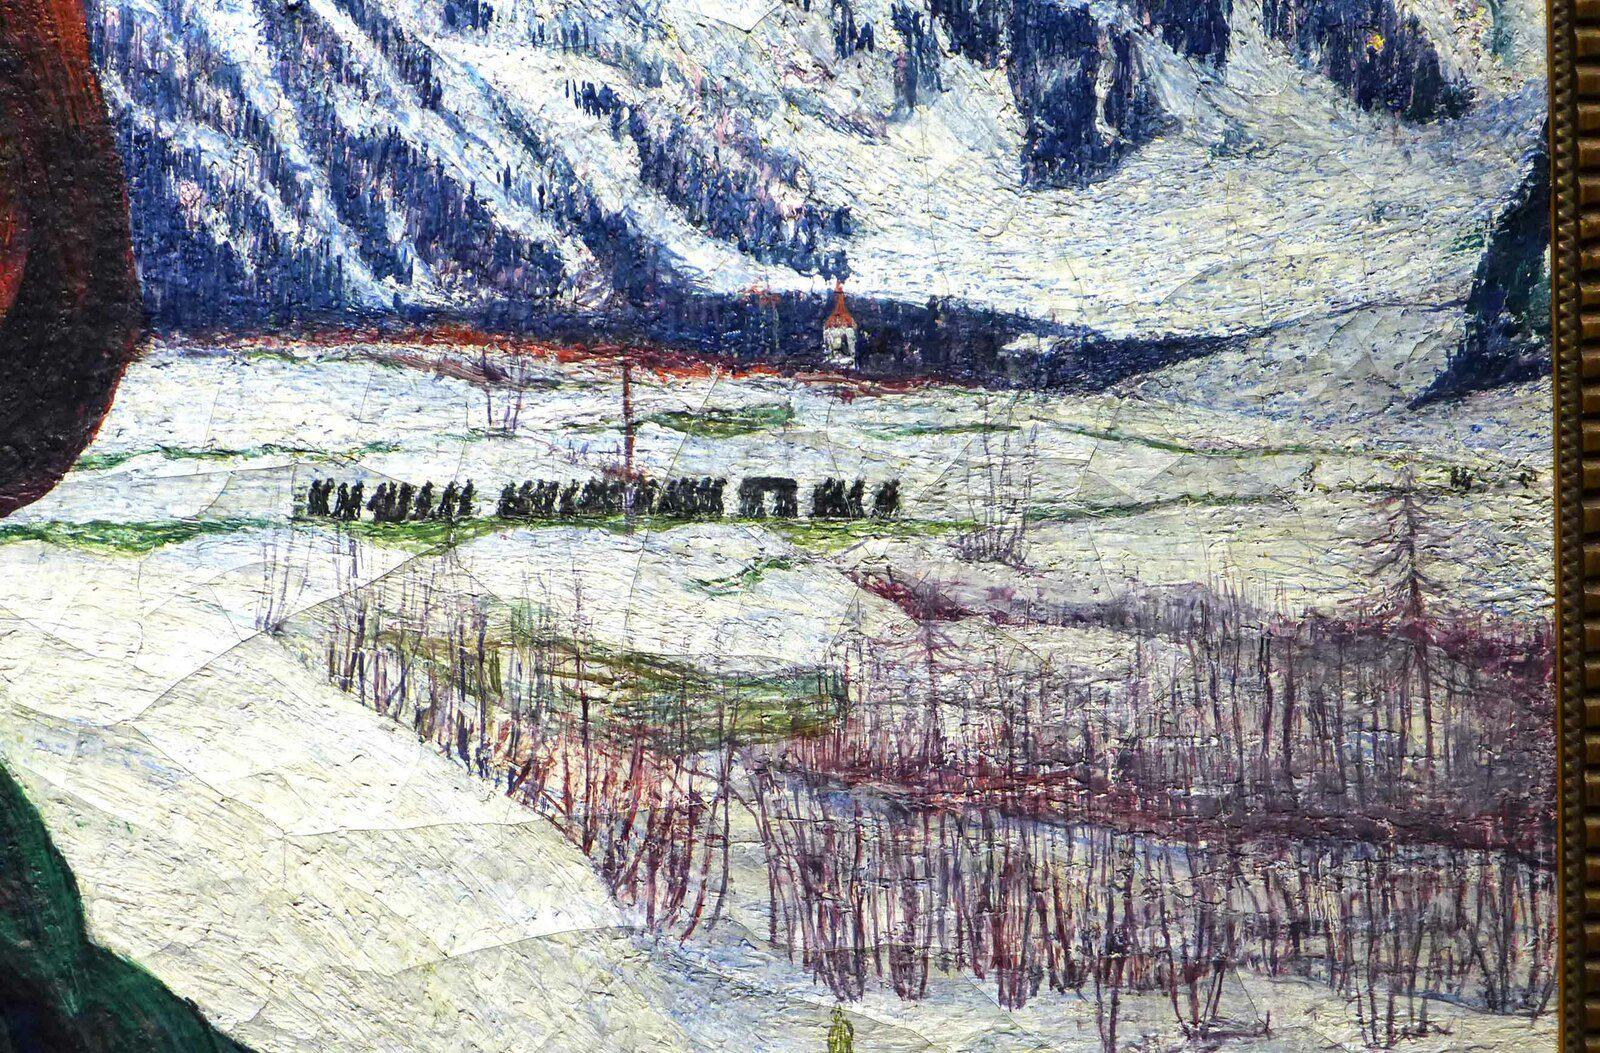 Giovanni GIACOMETTI, Autoportait devant un paysage hivernal (1899), huile sur toile. Genève, Musée d'Art et d'Histoire.